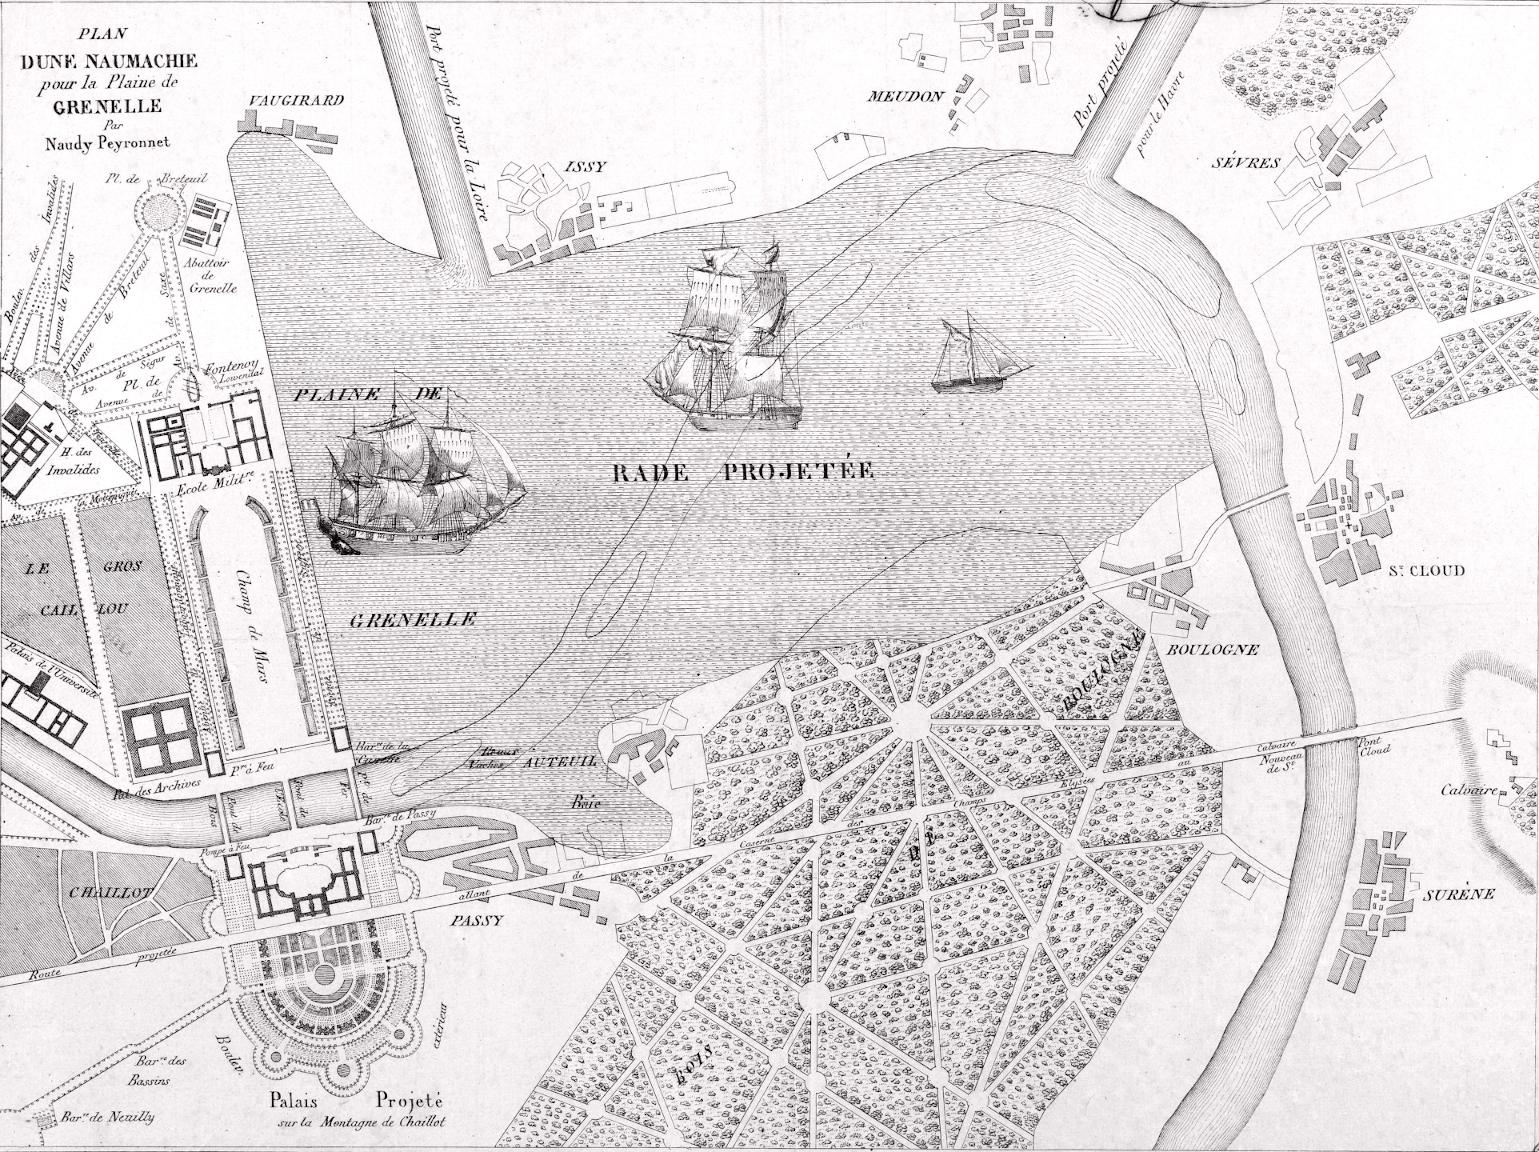 Plan d'une naumachie pour la plaine de Grenelle par Naudy Peyronnet-1825_BNF_BHVP small